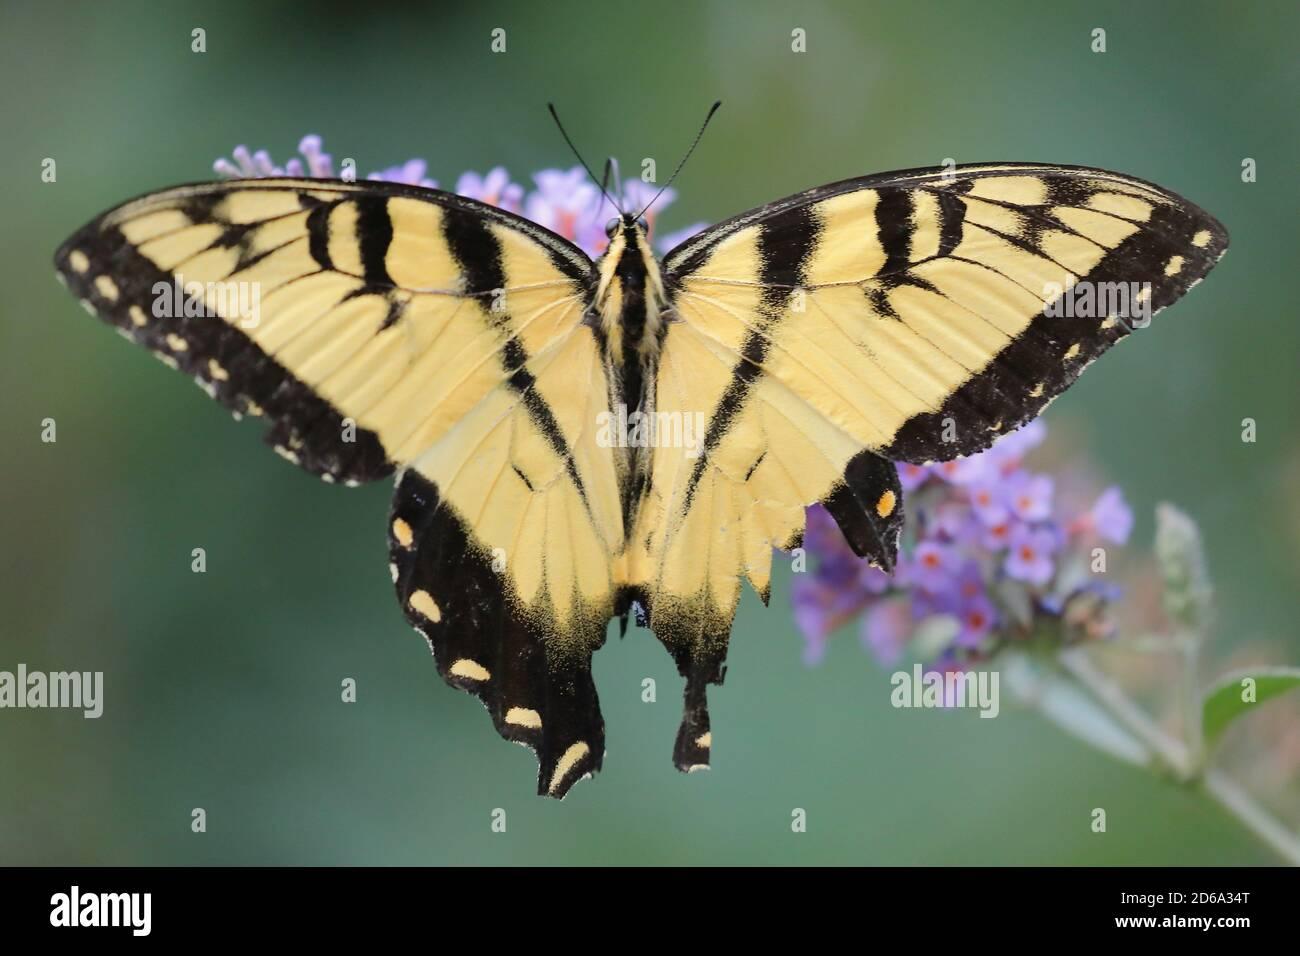 Vista superior de un macho de tigre oriental mariposa de cola de cisne (Caucus de Papilio) Chupar néctar una flor en un jardín de América del Norte Foto de stock